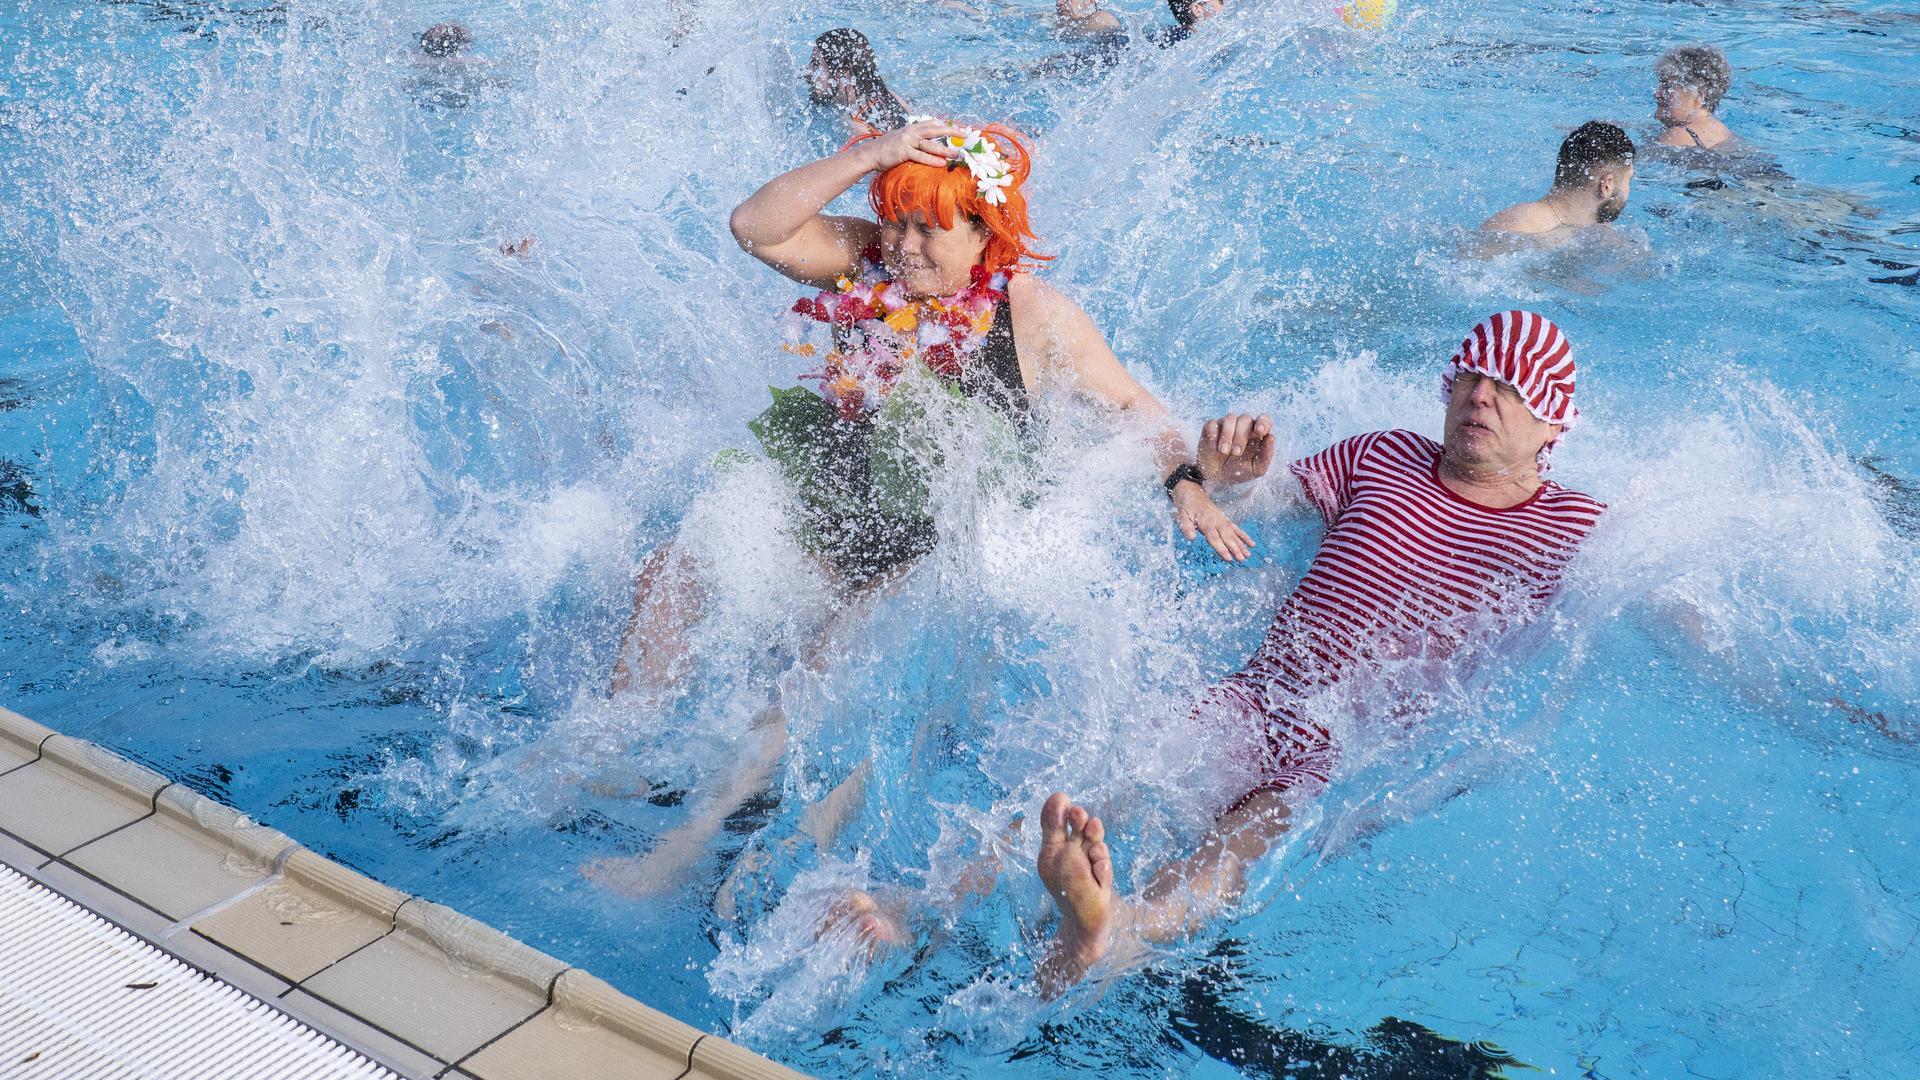 Mit bunten Hauben und rot-weißem Strampelanzug läuteten die Badegäste die Freibadsaison ein.